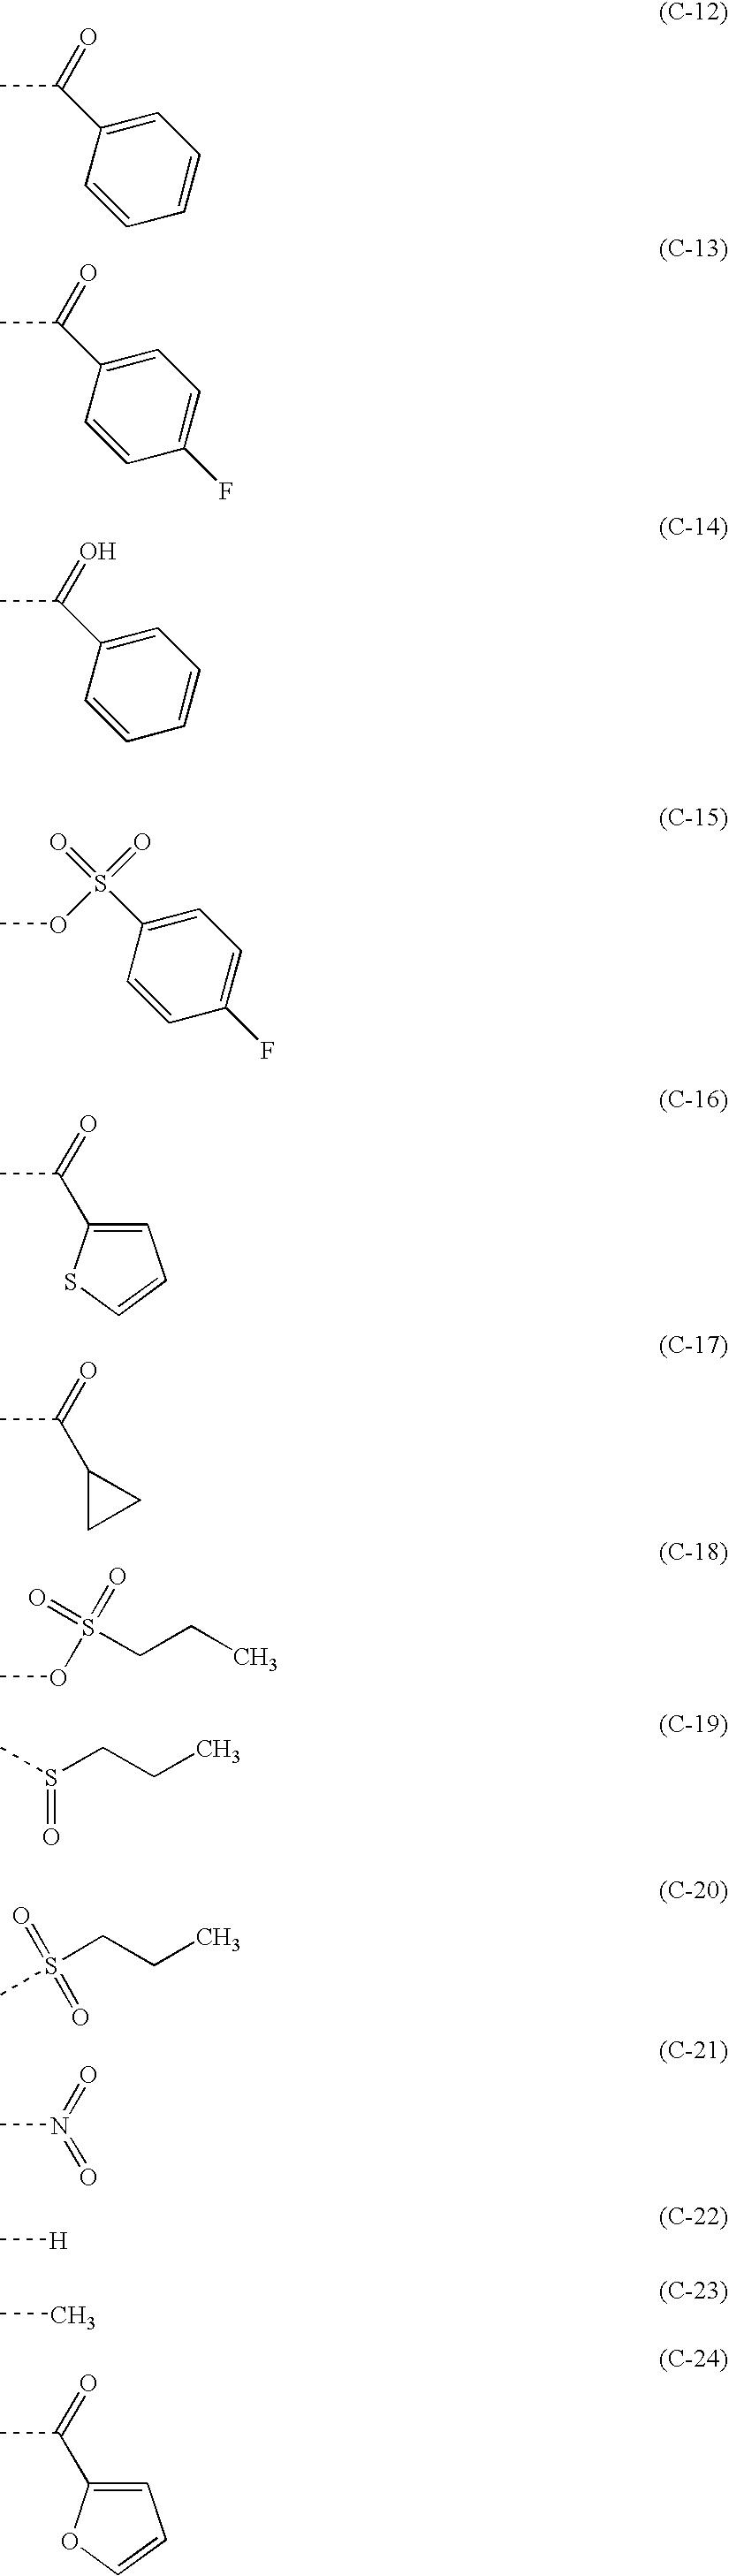 Figure US20070299043A1-20071227-C00223